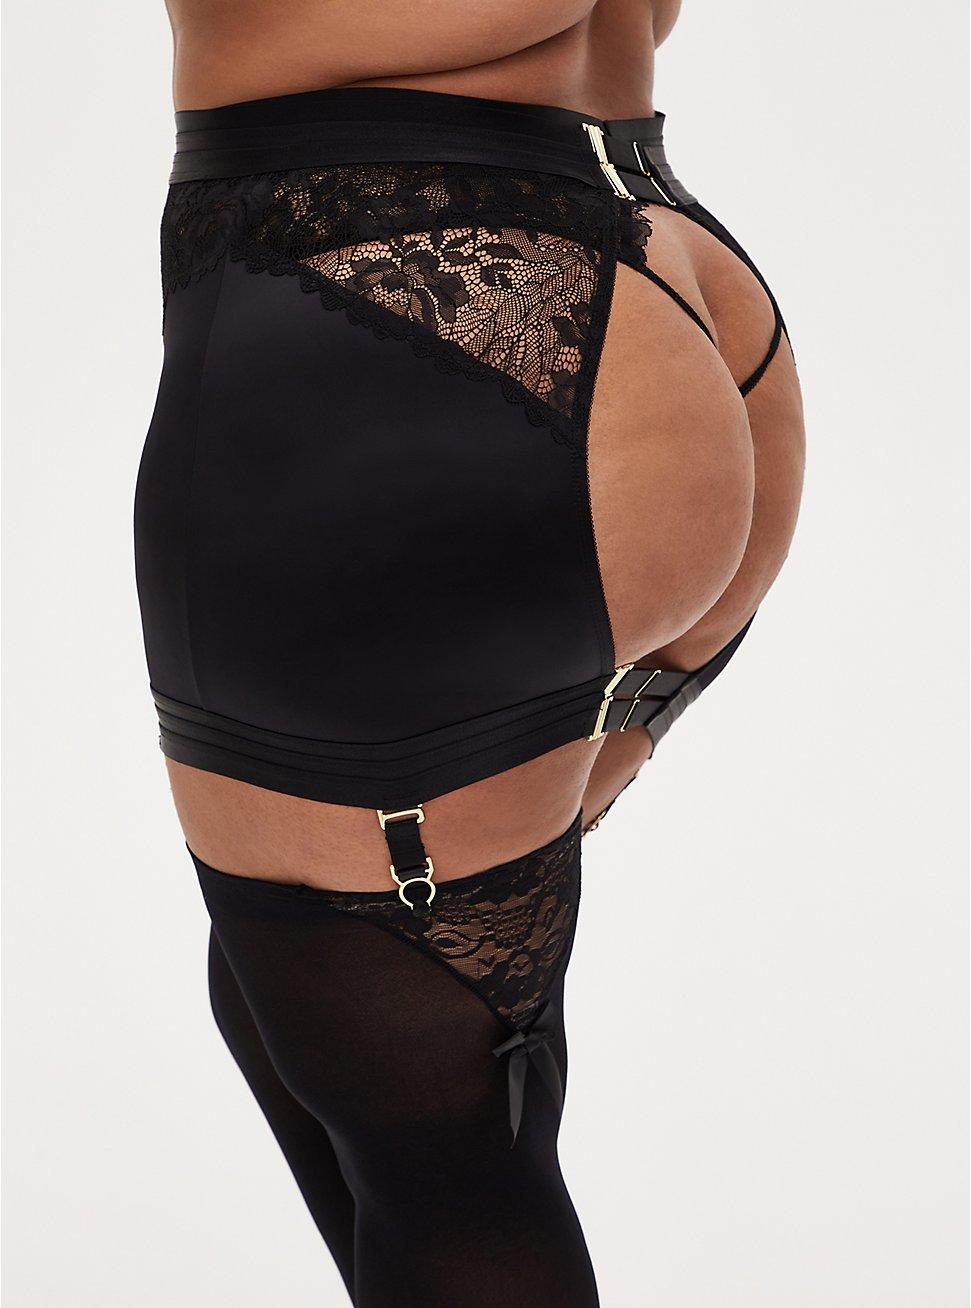 Black Satin & Lace Garter Skirt, RICH BLACK, hi-res